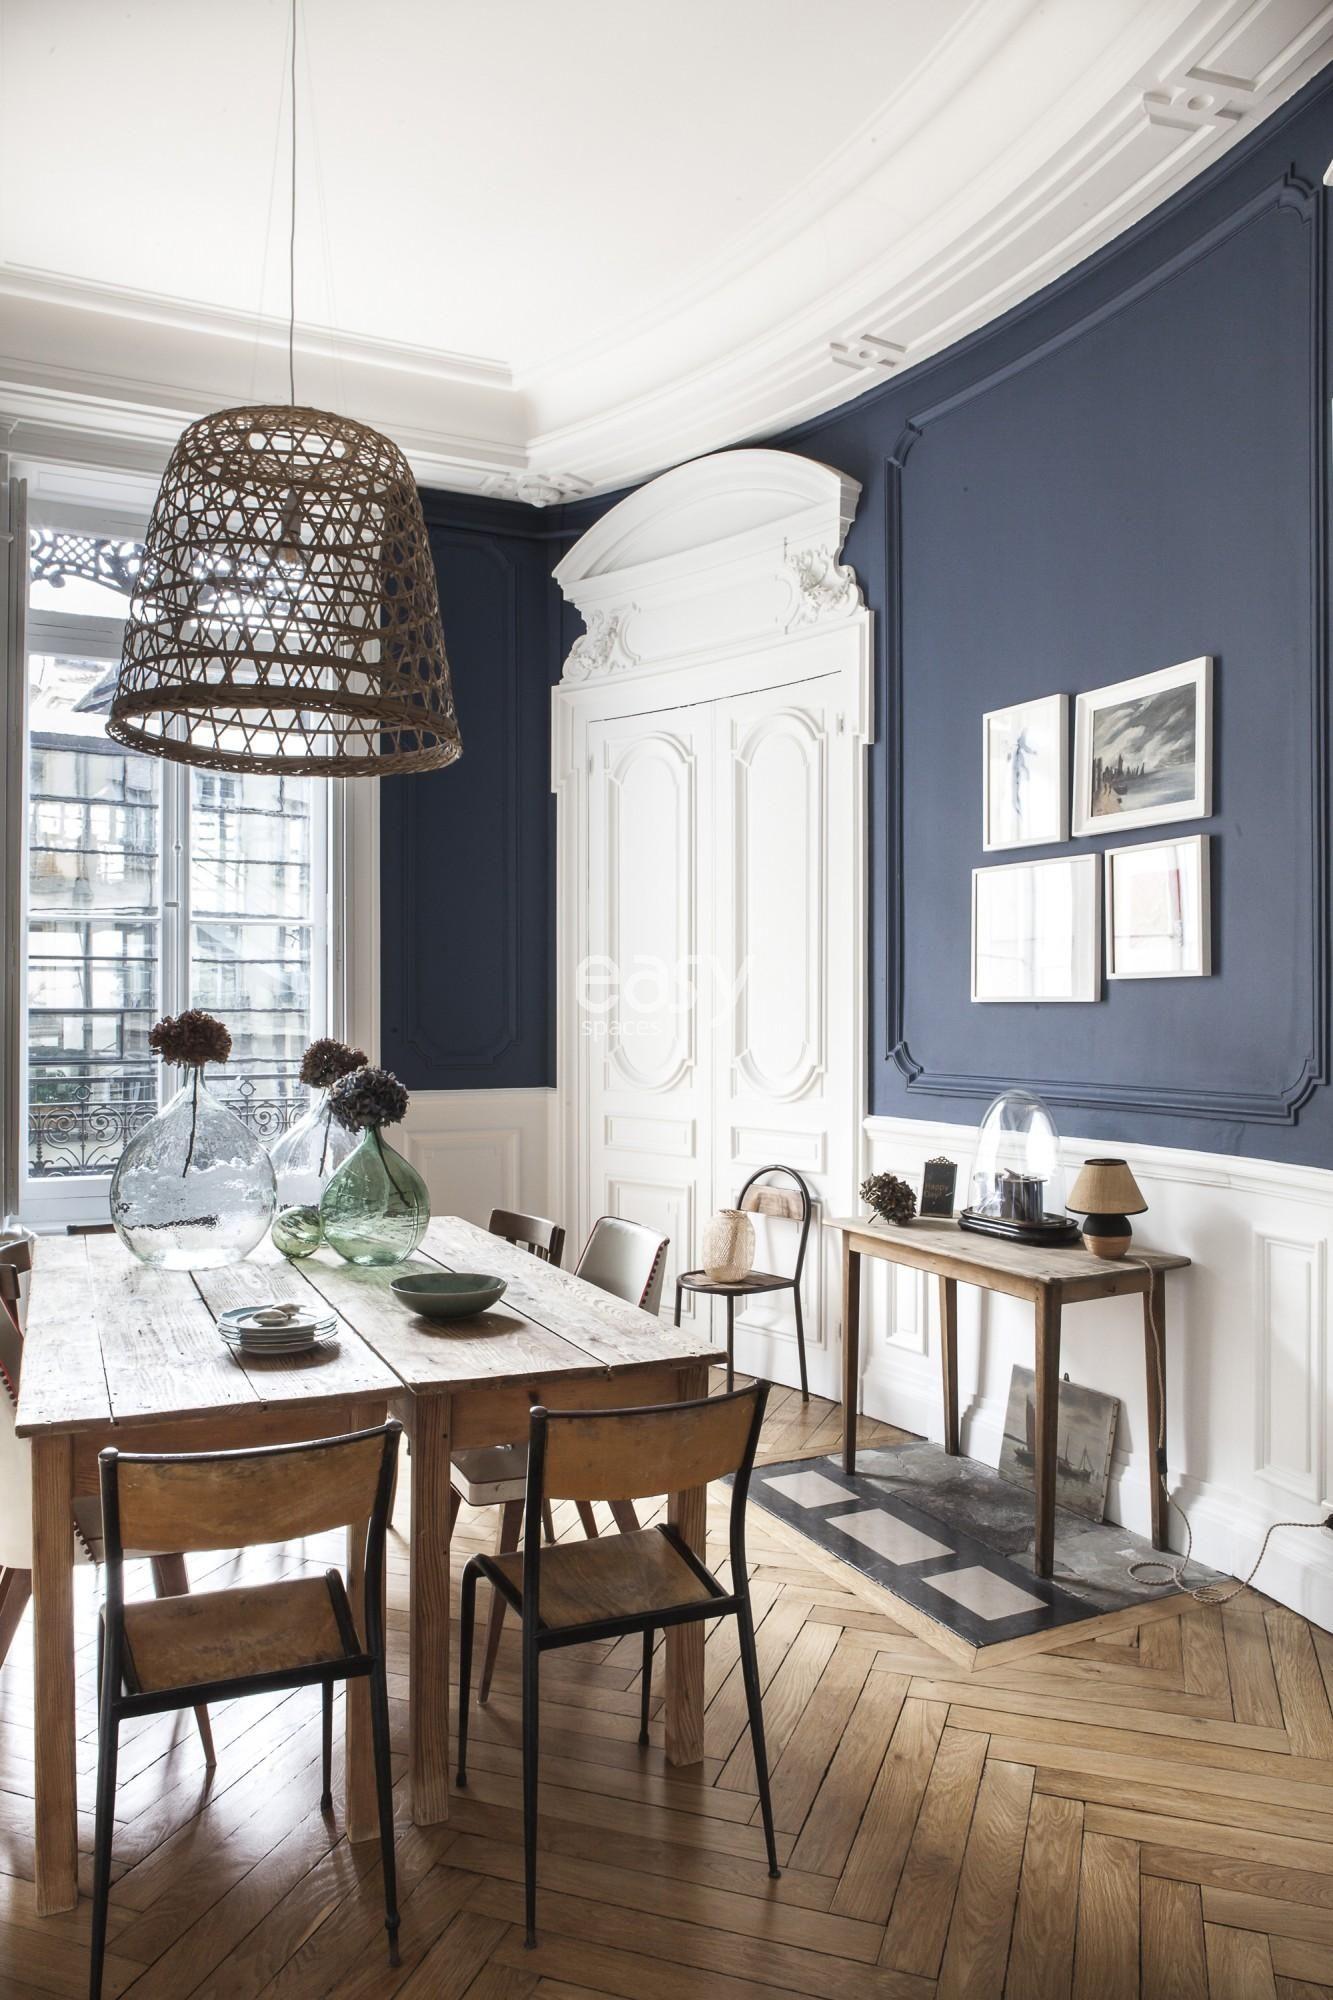 Achat Espace Atypique Lyon bel appartement de style haussmanien avec parquet et